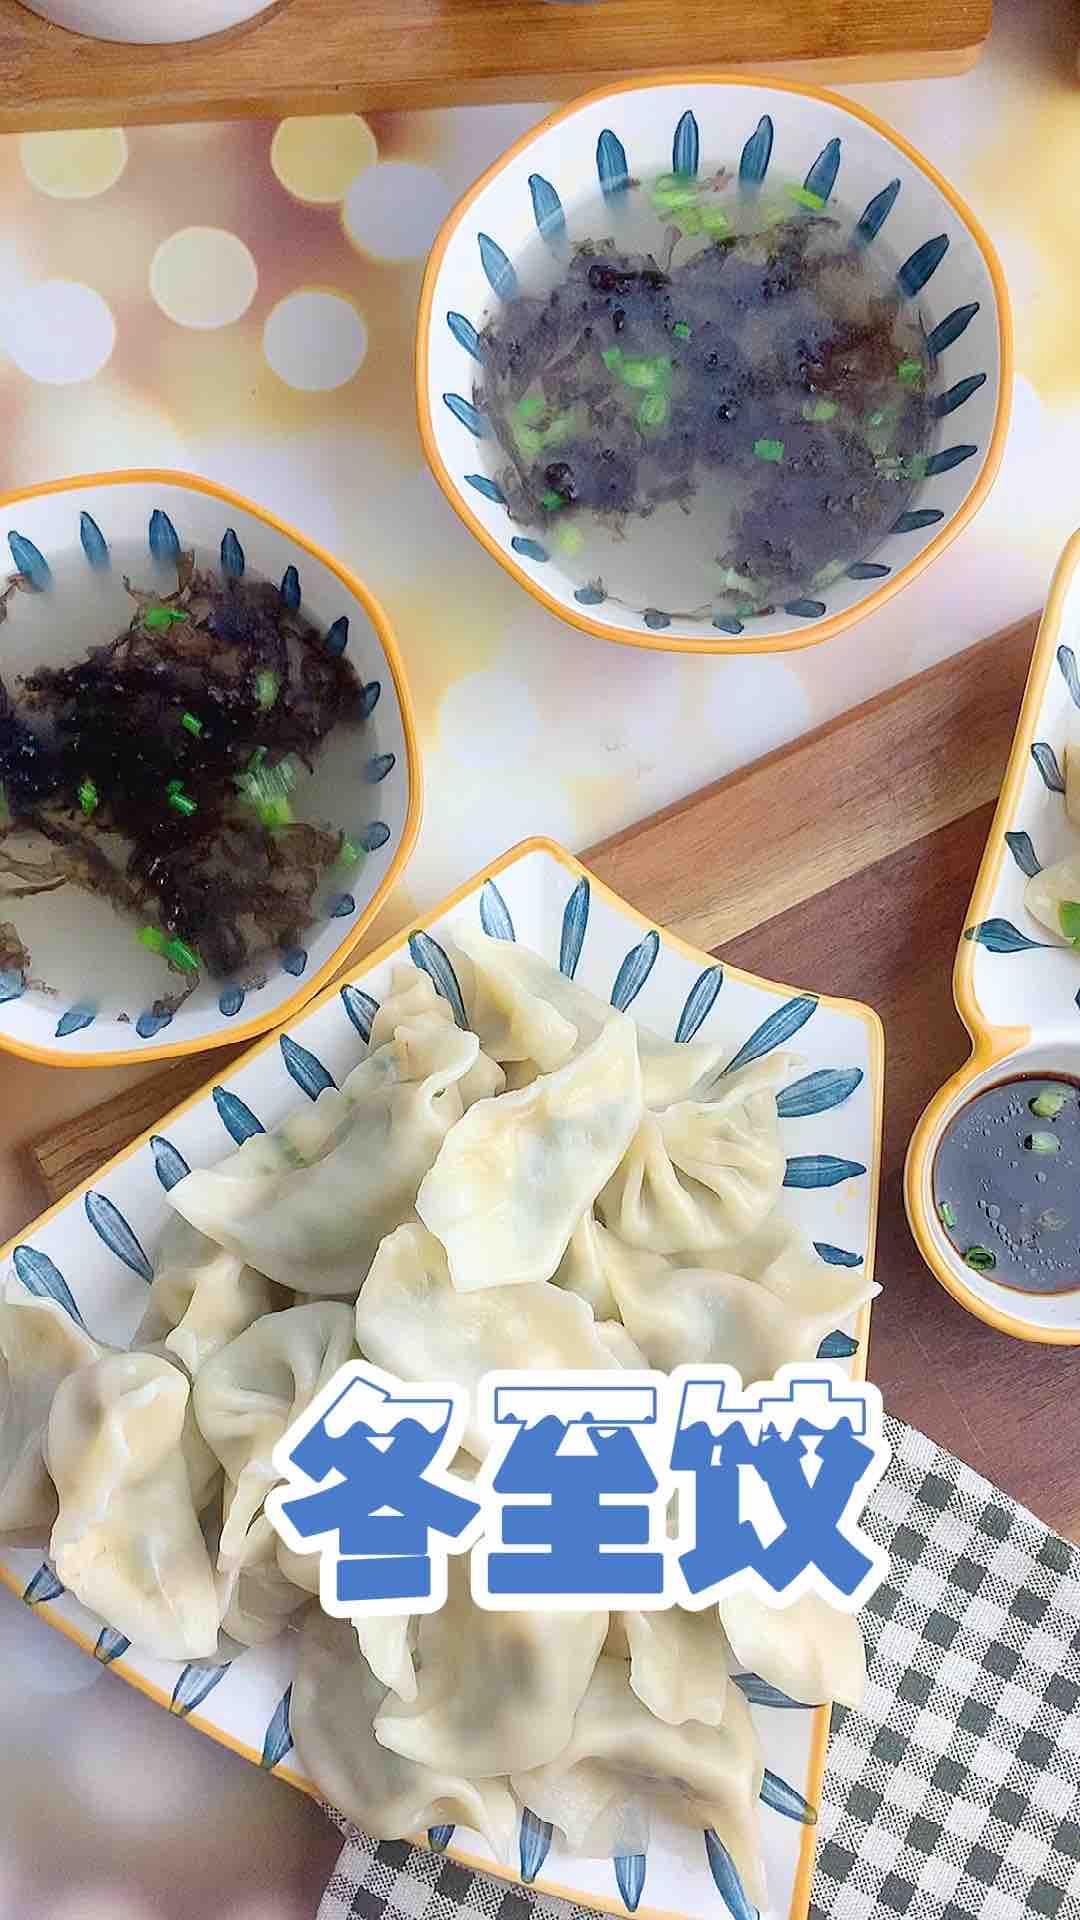 冬至大如年来份冬至饺,嫩鲜的水煮,脆香的煎制